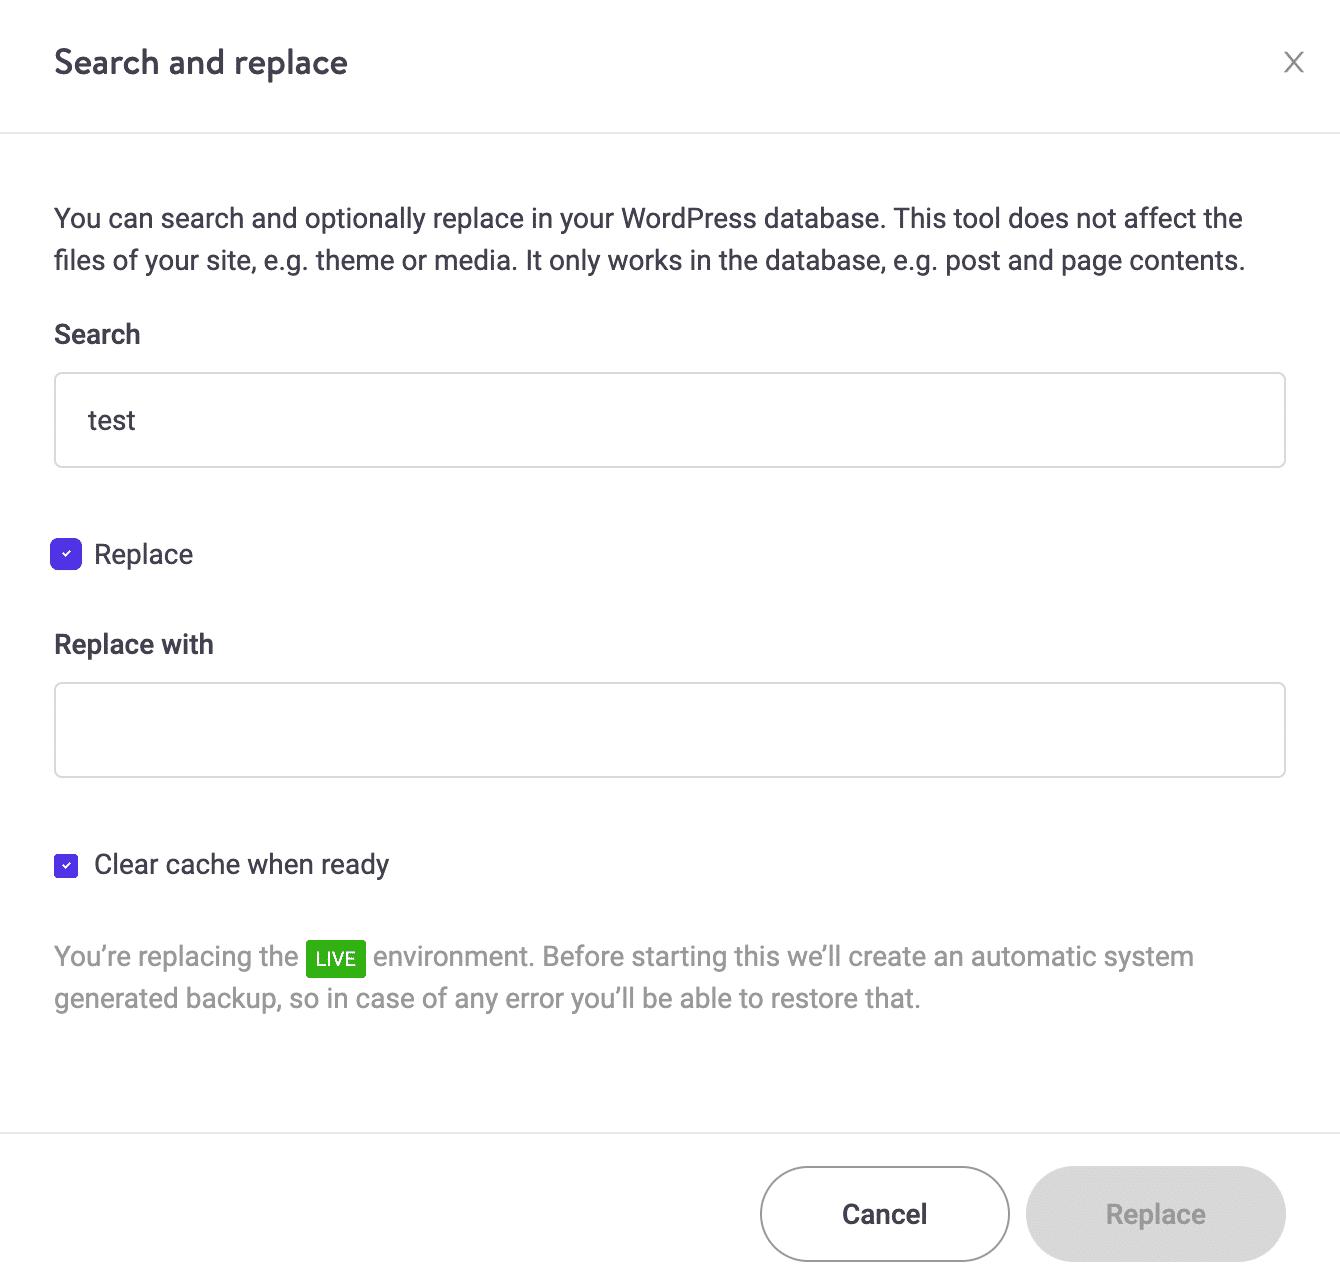 Nueva herramienta de búsqueda y reemplazo